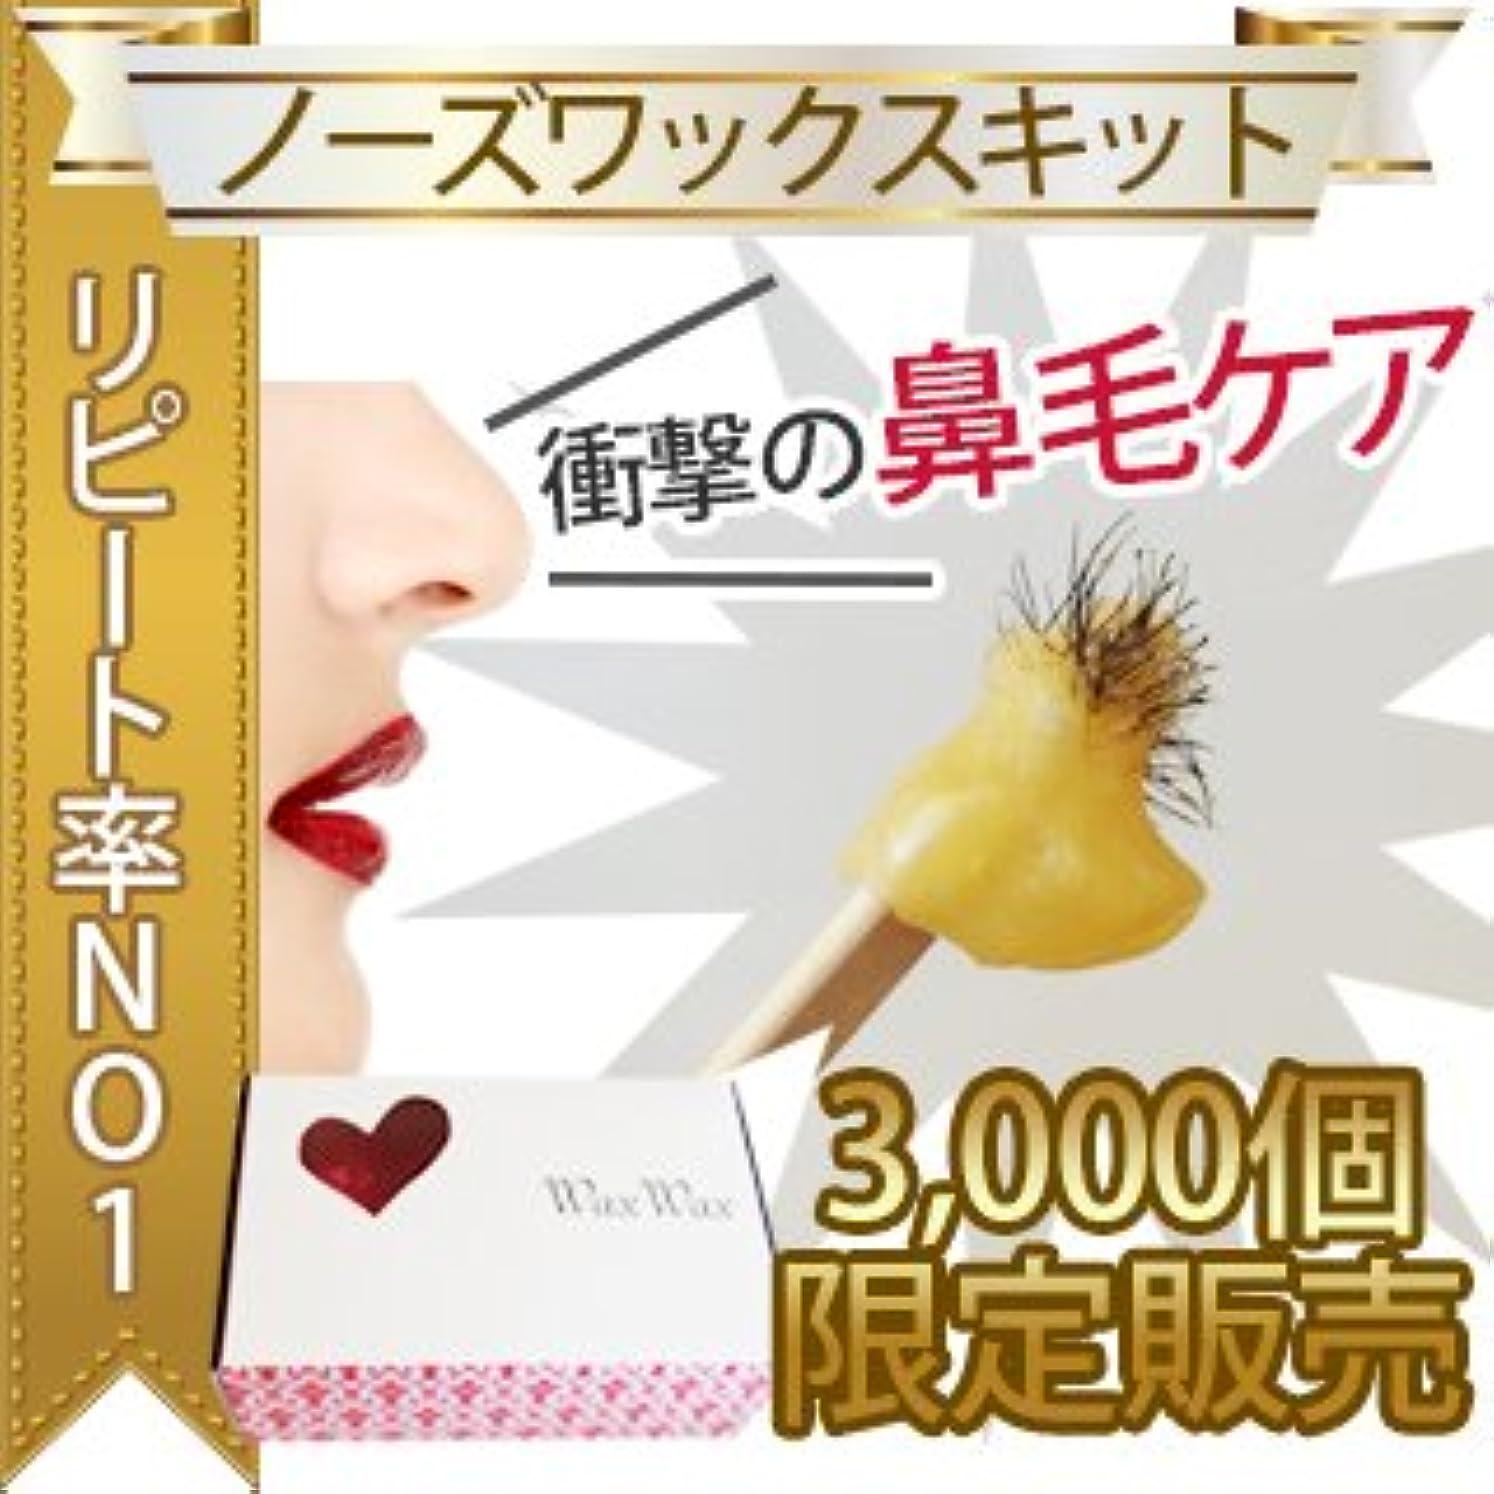 無駄な放散する慢性的【3000個限定】鼻毛キット 約3回分 ノーズキット セルフ用